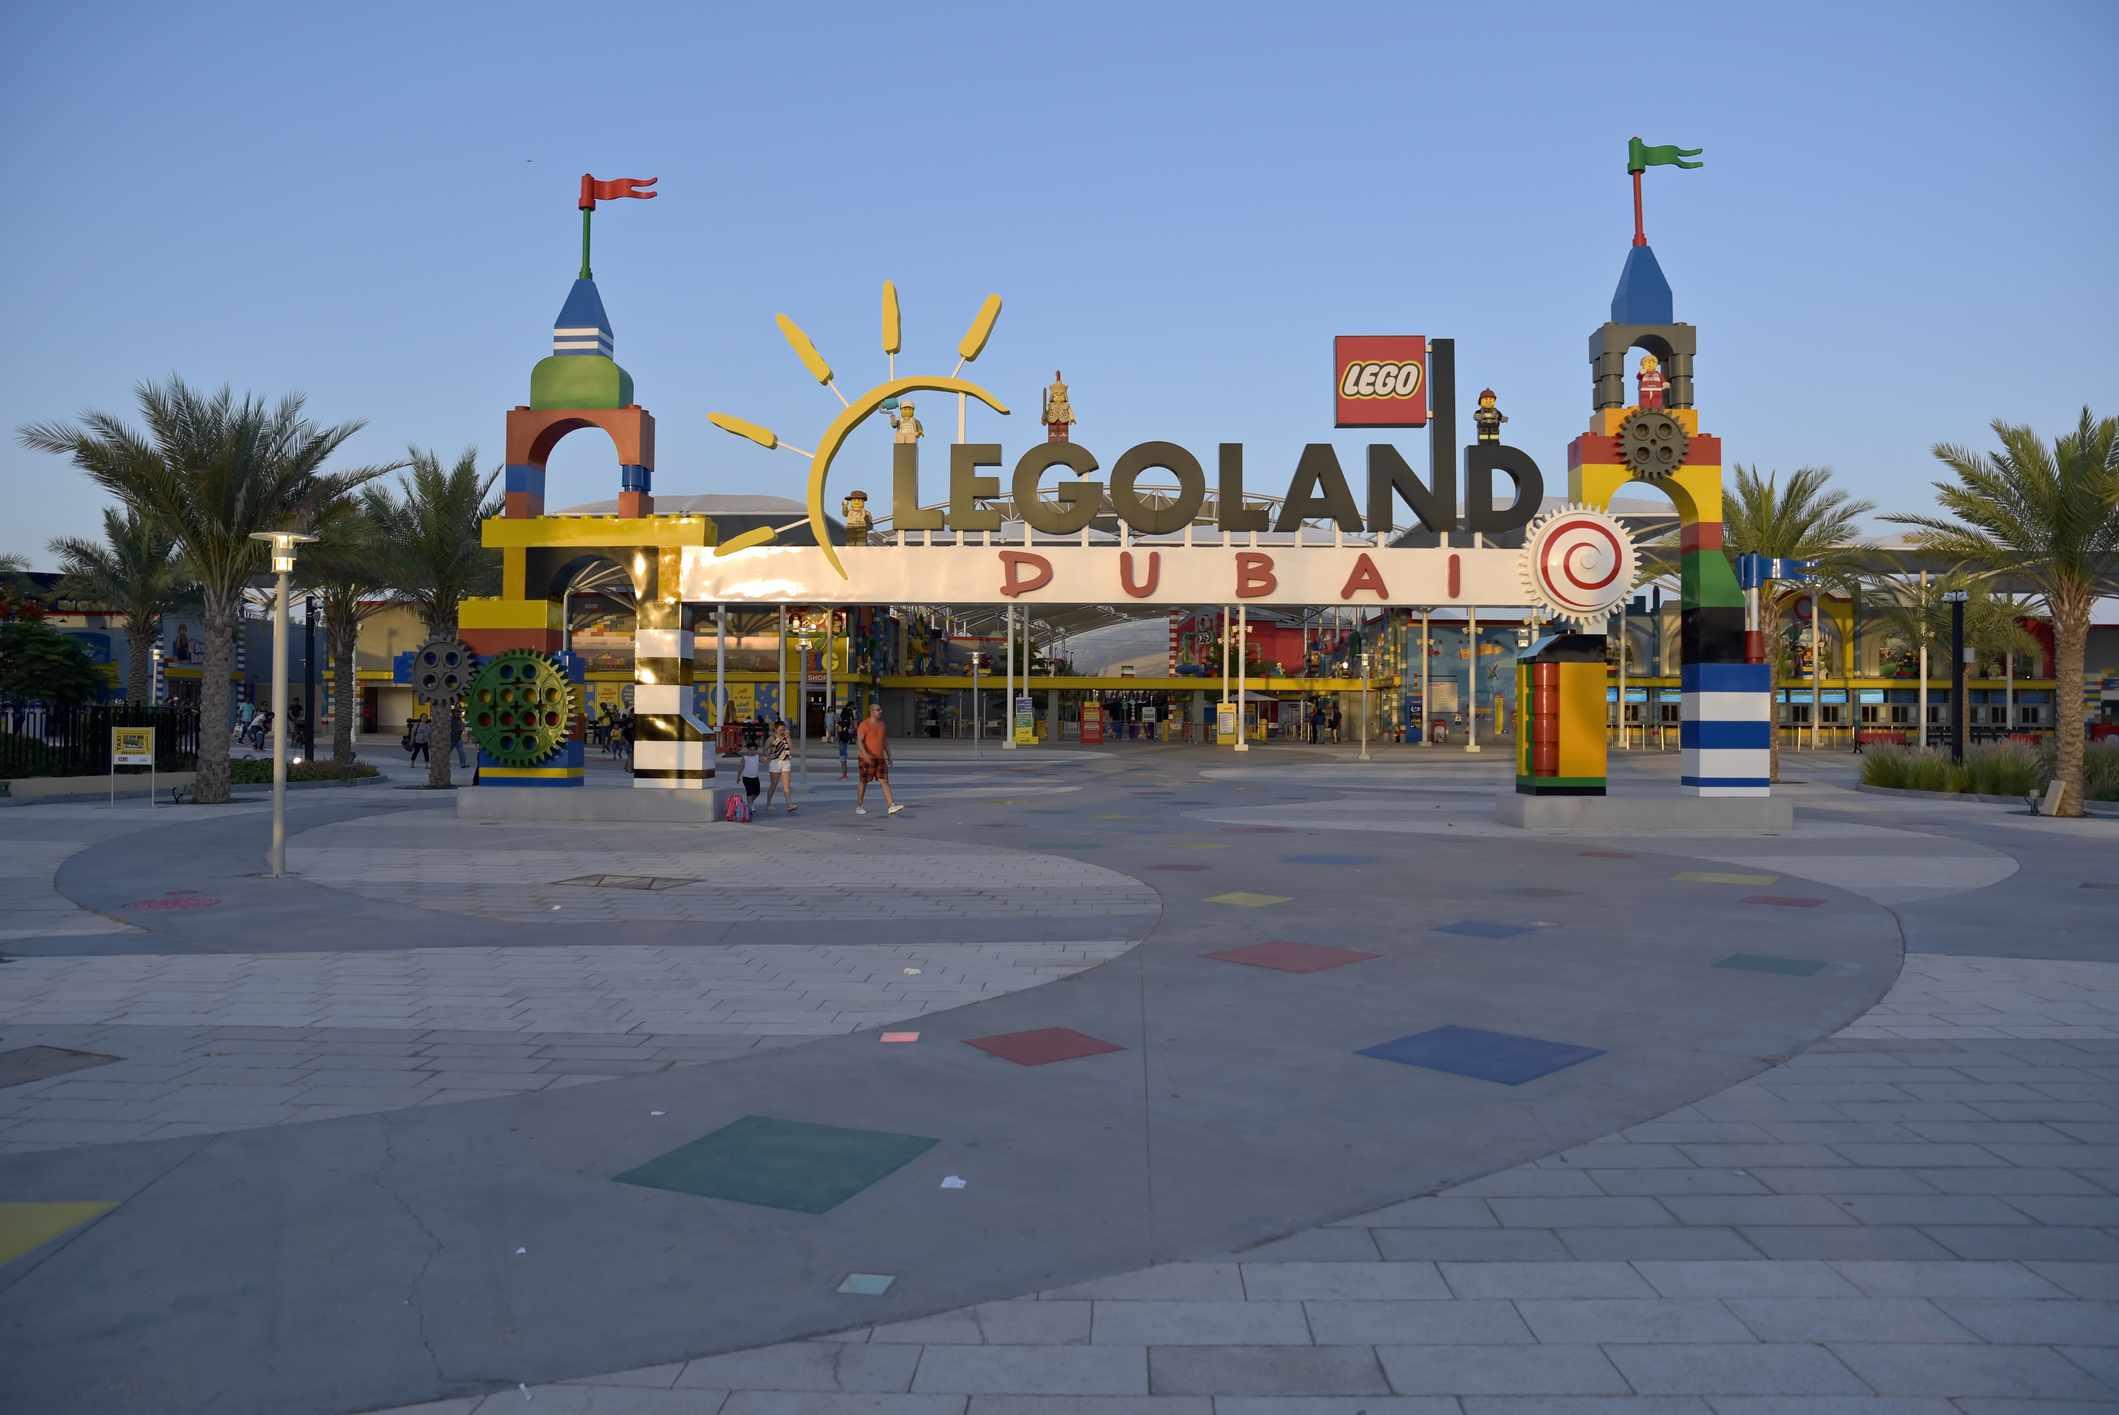 Dubai Legoland